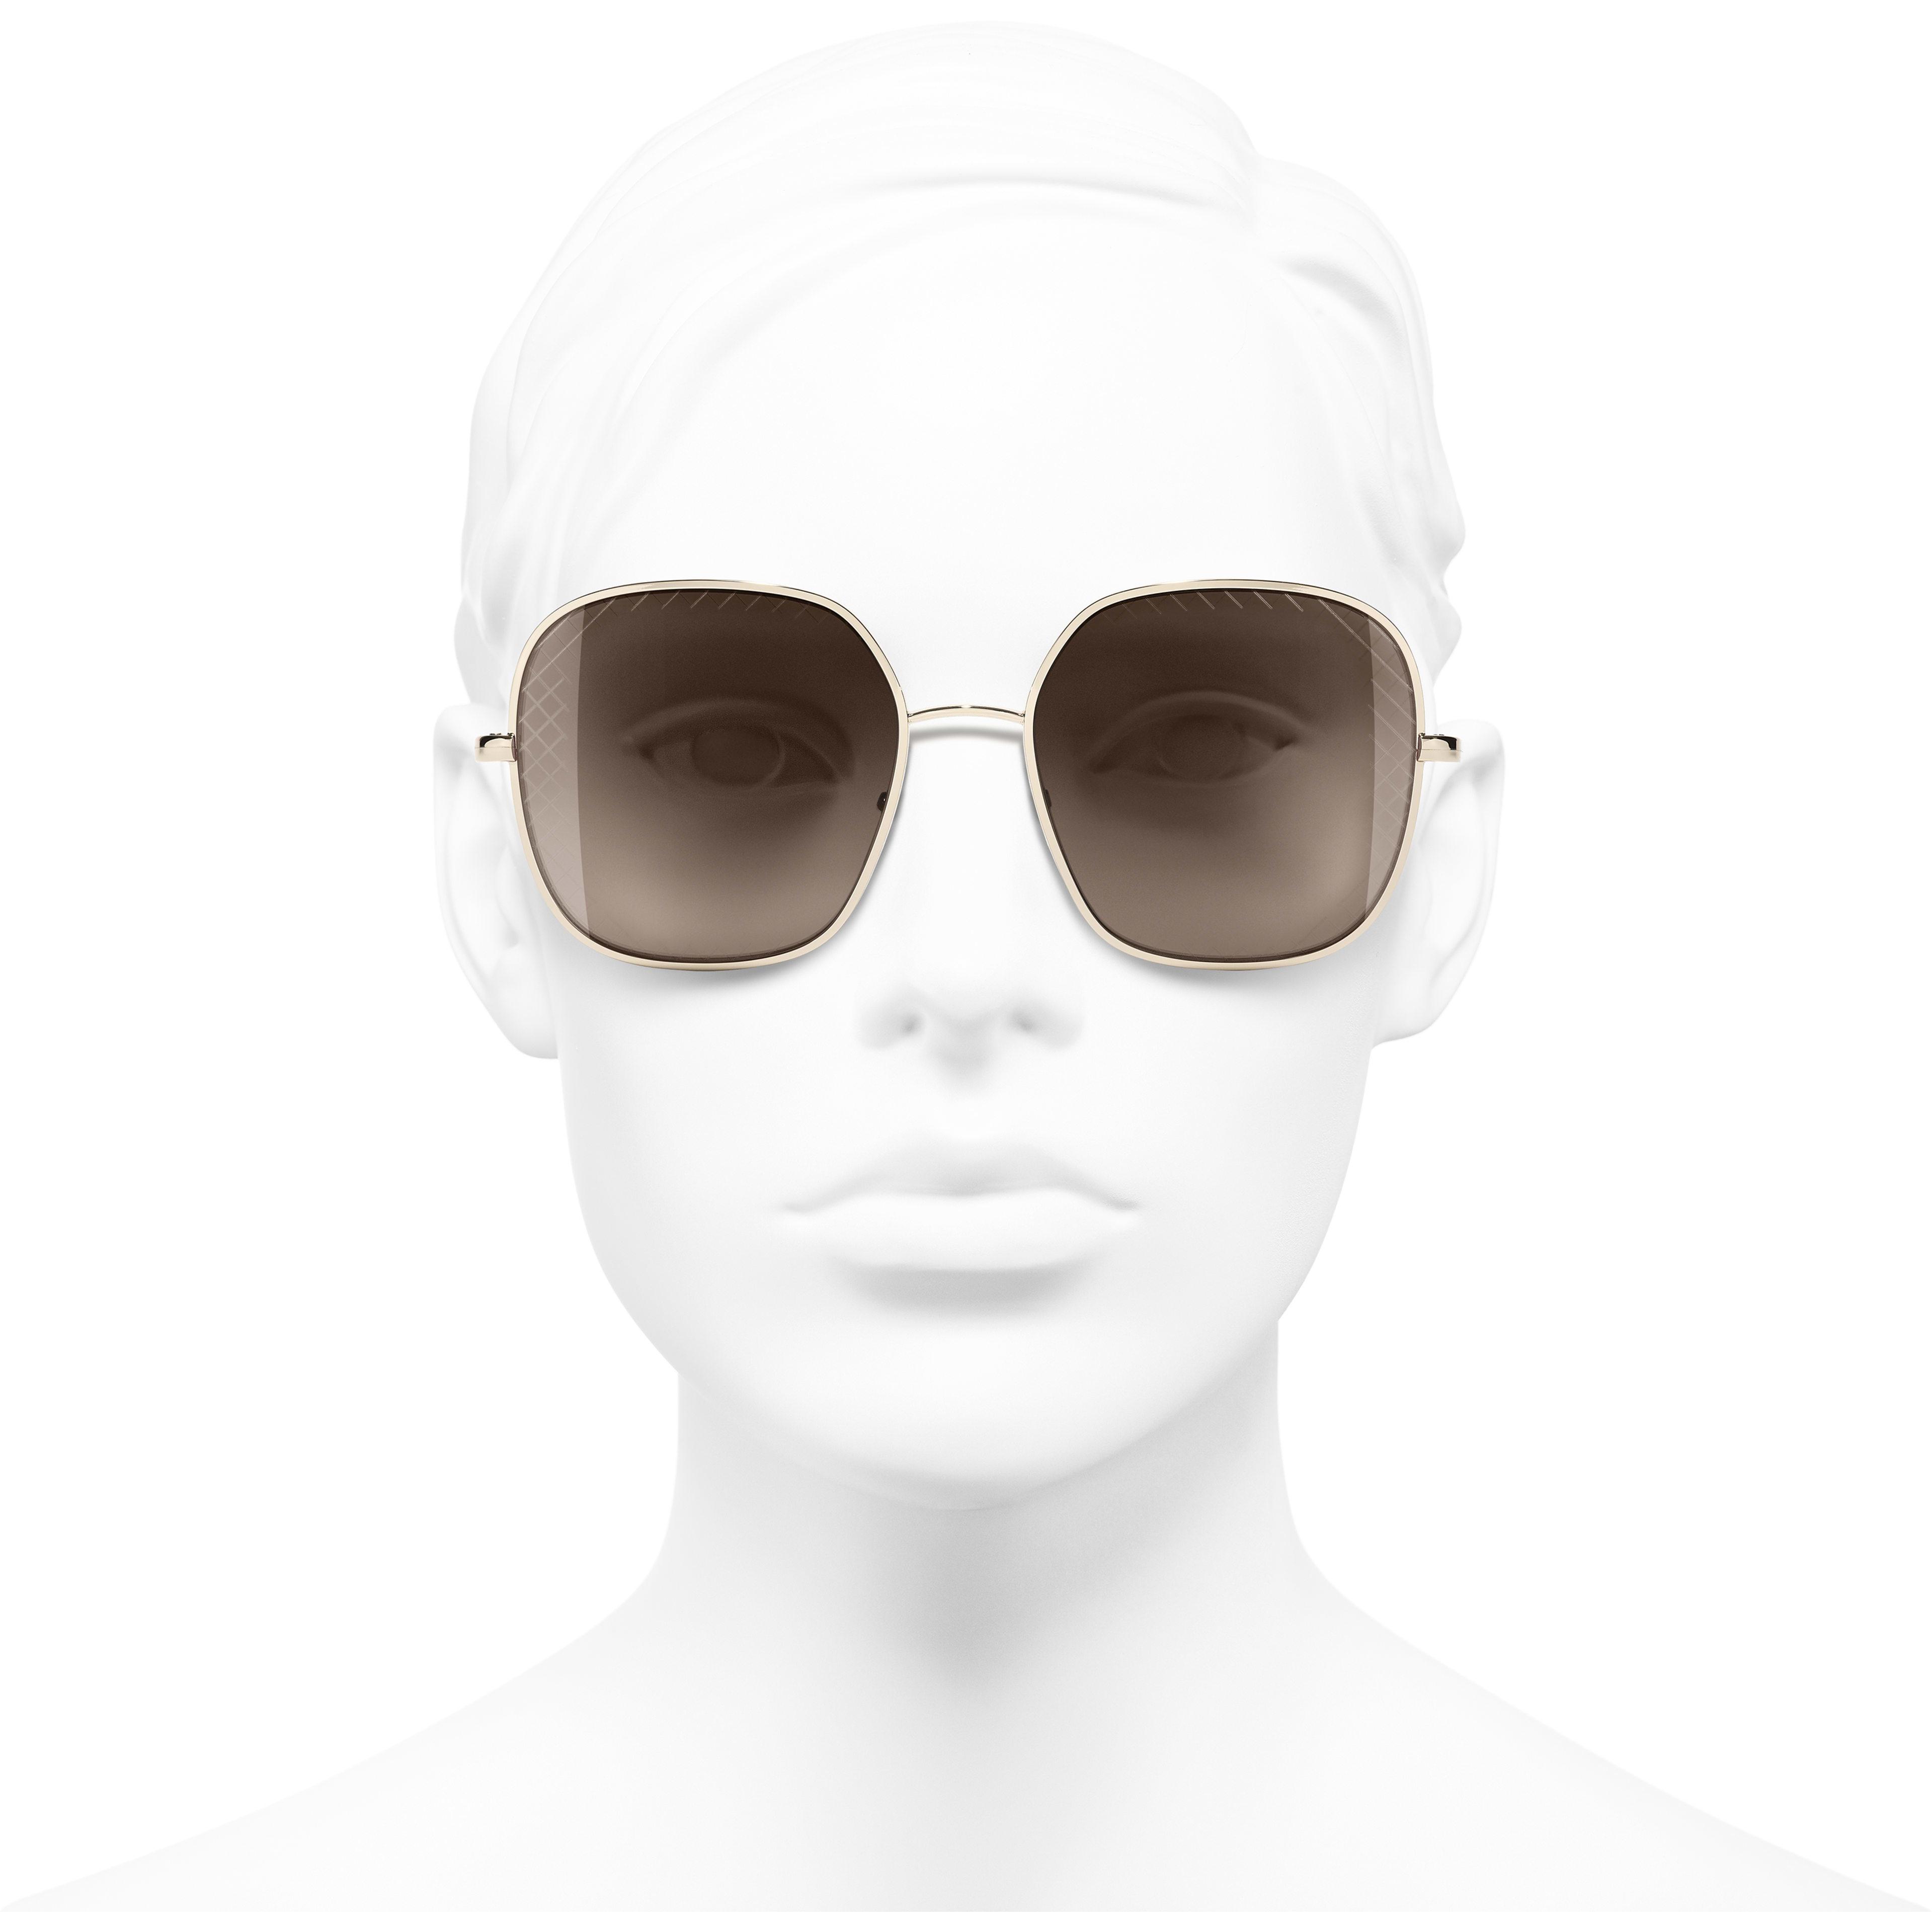 Солнцезащитные очки квадратной формы - Золотистый - Металл - Вид анфас - посмотреть изображение стандартного размера